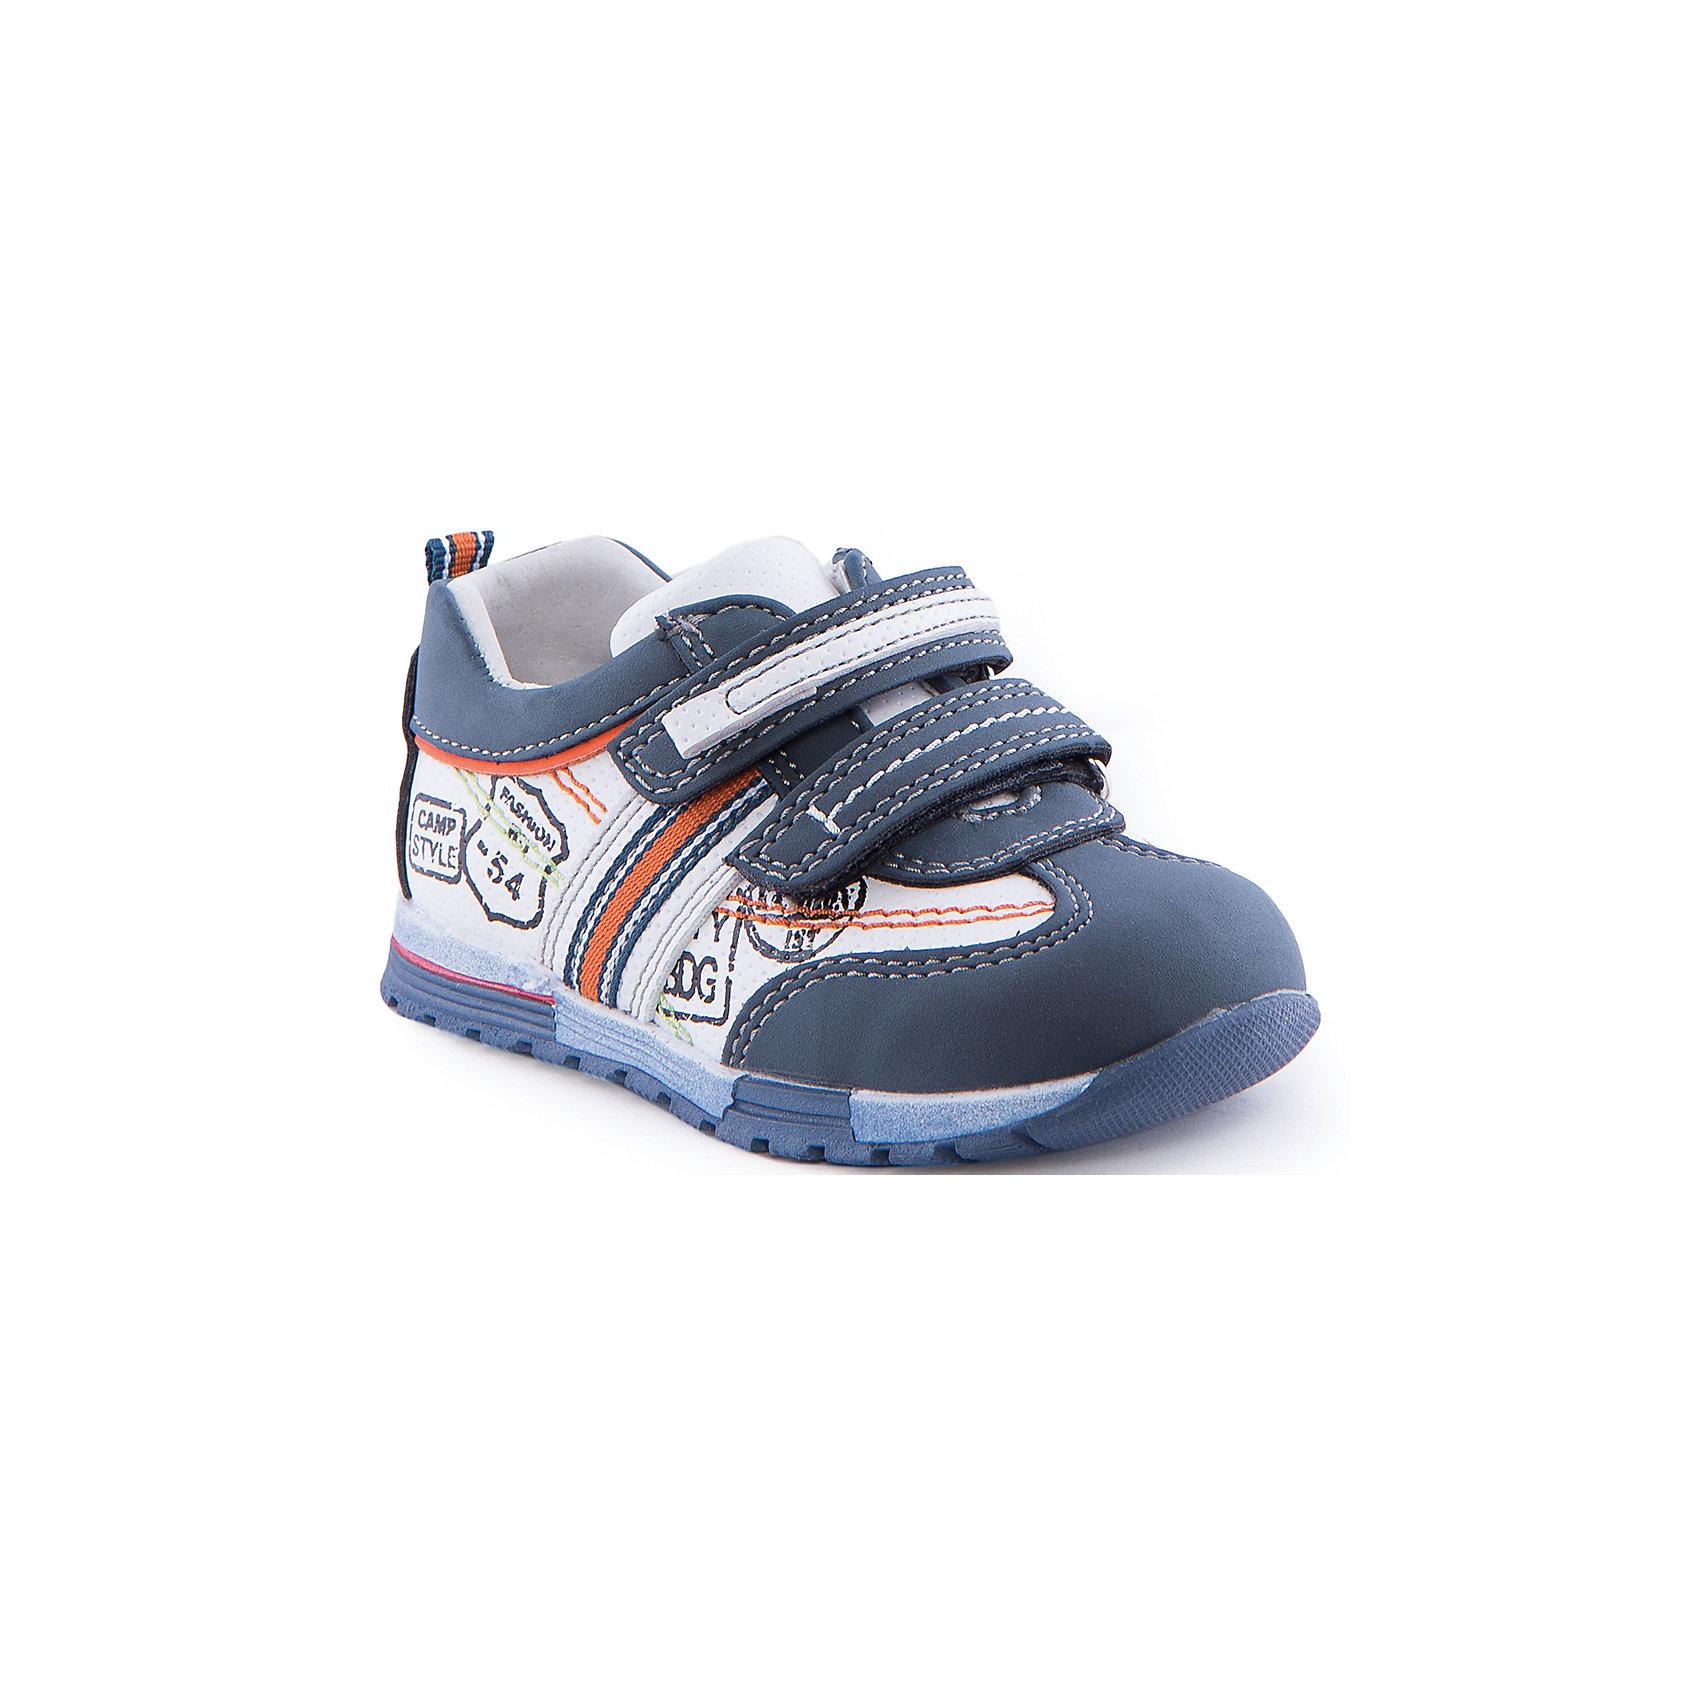 Полуботинки для мальчика Indigo kidsБотинки<br>Полуботинки для мальчика от известного бренда Indigo kids<br><br>Стильные и удобные кроссовки - прекрасный вариант обуви для теплого сезона. Они красивые и модные, но в то же время очень удобные. Кроссовки легко надеваются благодаря липучкам и комфортно садятся по ноге. <br><br>Особенности модели:<br><br>- цвет - белый, синий;<br>- стильный дизайн;<br>- удобная колодка;<br>- натуральная кожаная подкладка;<br>- декорированы принтом;<br>- качественная контрастная прошивка;<br>- декорированы яркими элементами;<br>- устойчивая подошва;<br>- застежки: липучки.<br><br>Дополнительная информация:<br><br>Состав:<br><br>верх – искусственная кожа;<br>подкладка - натуральная кожа;<br>подошва - ТЭП.<br><br>Полуботинки для мальчика Indigo kids (Индиго Кидс) можно купить в нашем магазине.<br><br>Ширина мм: 262<br>Глубина мм: 176<br>Высота мм: 97<br>Вес г: 427<br>Цвет: синий<br>Возраст от месяцев: 12<br>Возраст до месяцев: 15<br>Пол: Мужской<br>Возраст: Детский<br>Размер: 21,26,25,22,24,23<br>SKU: 4519950